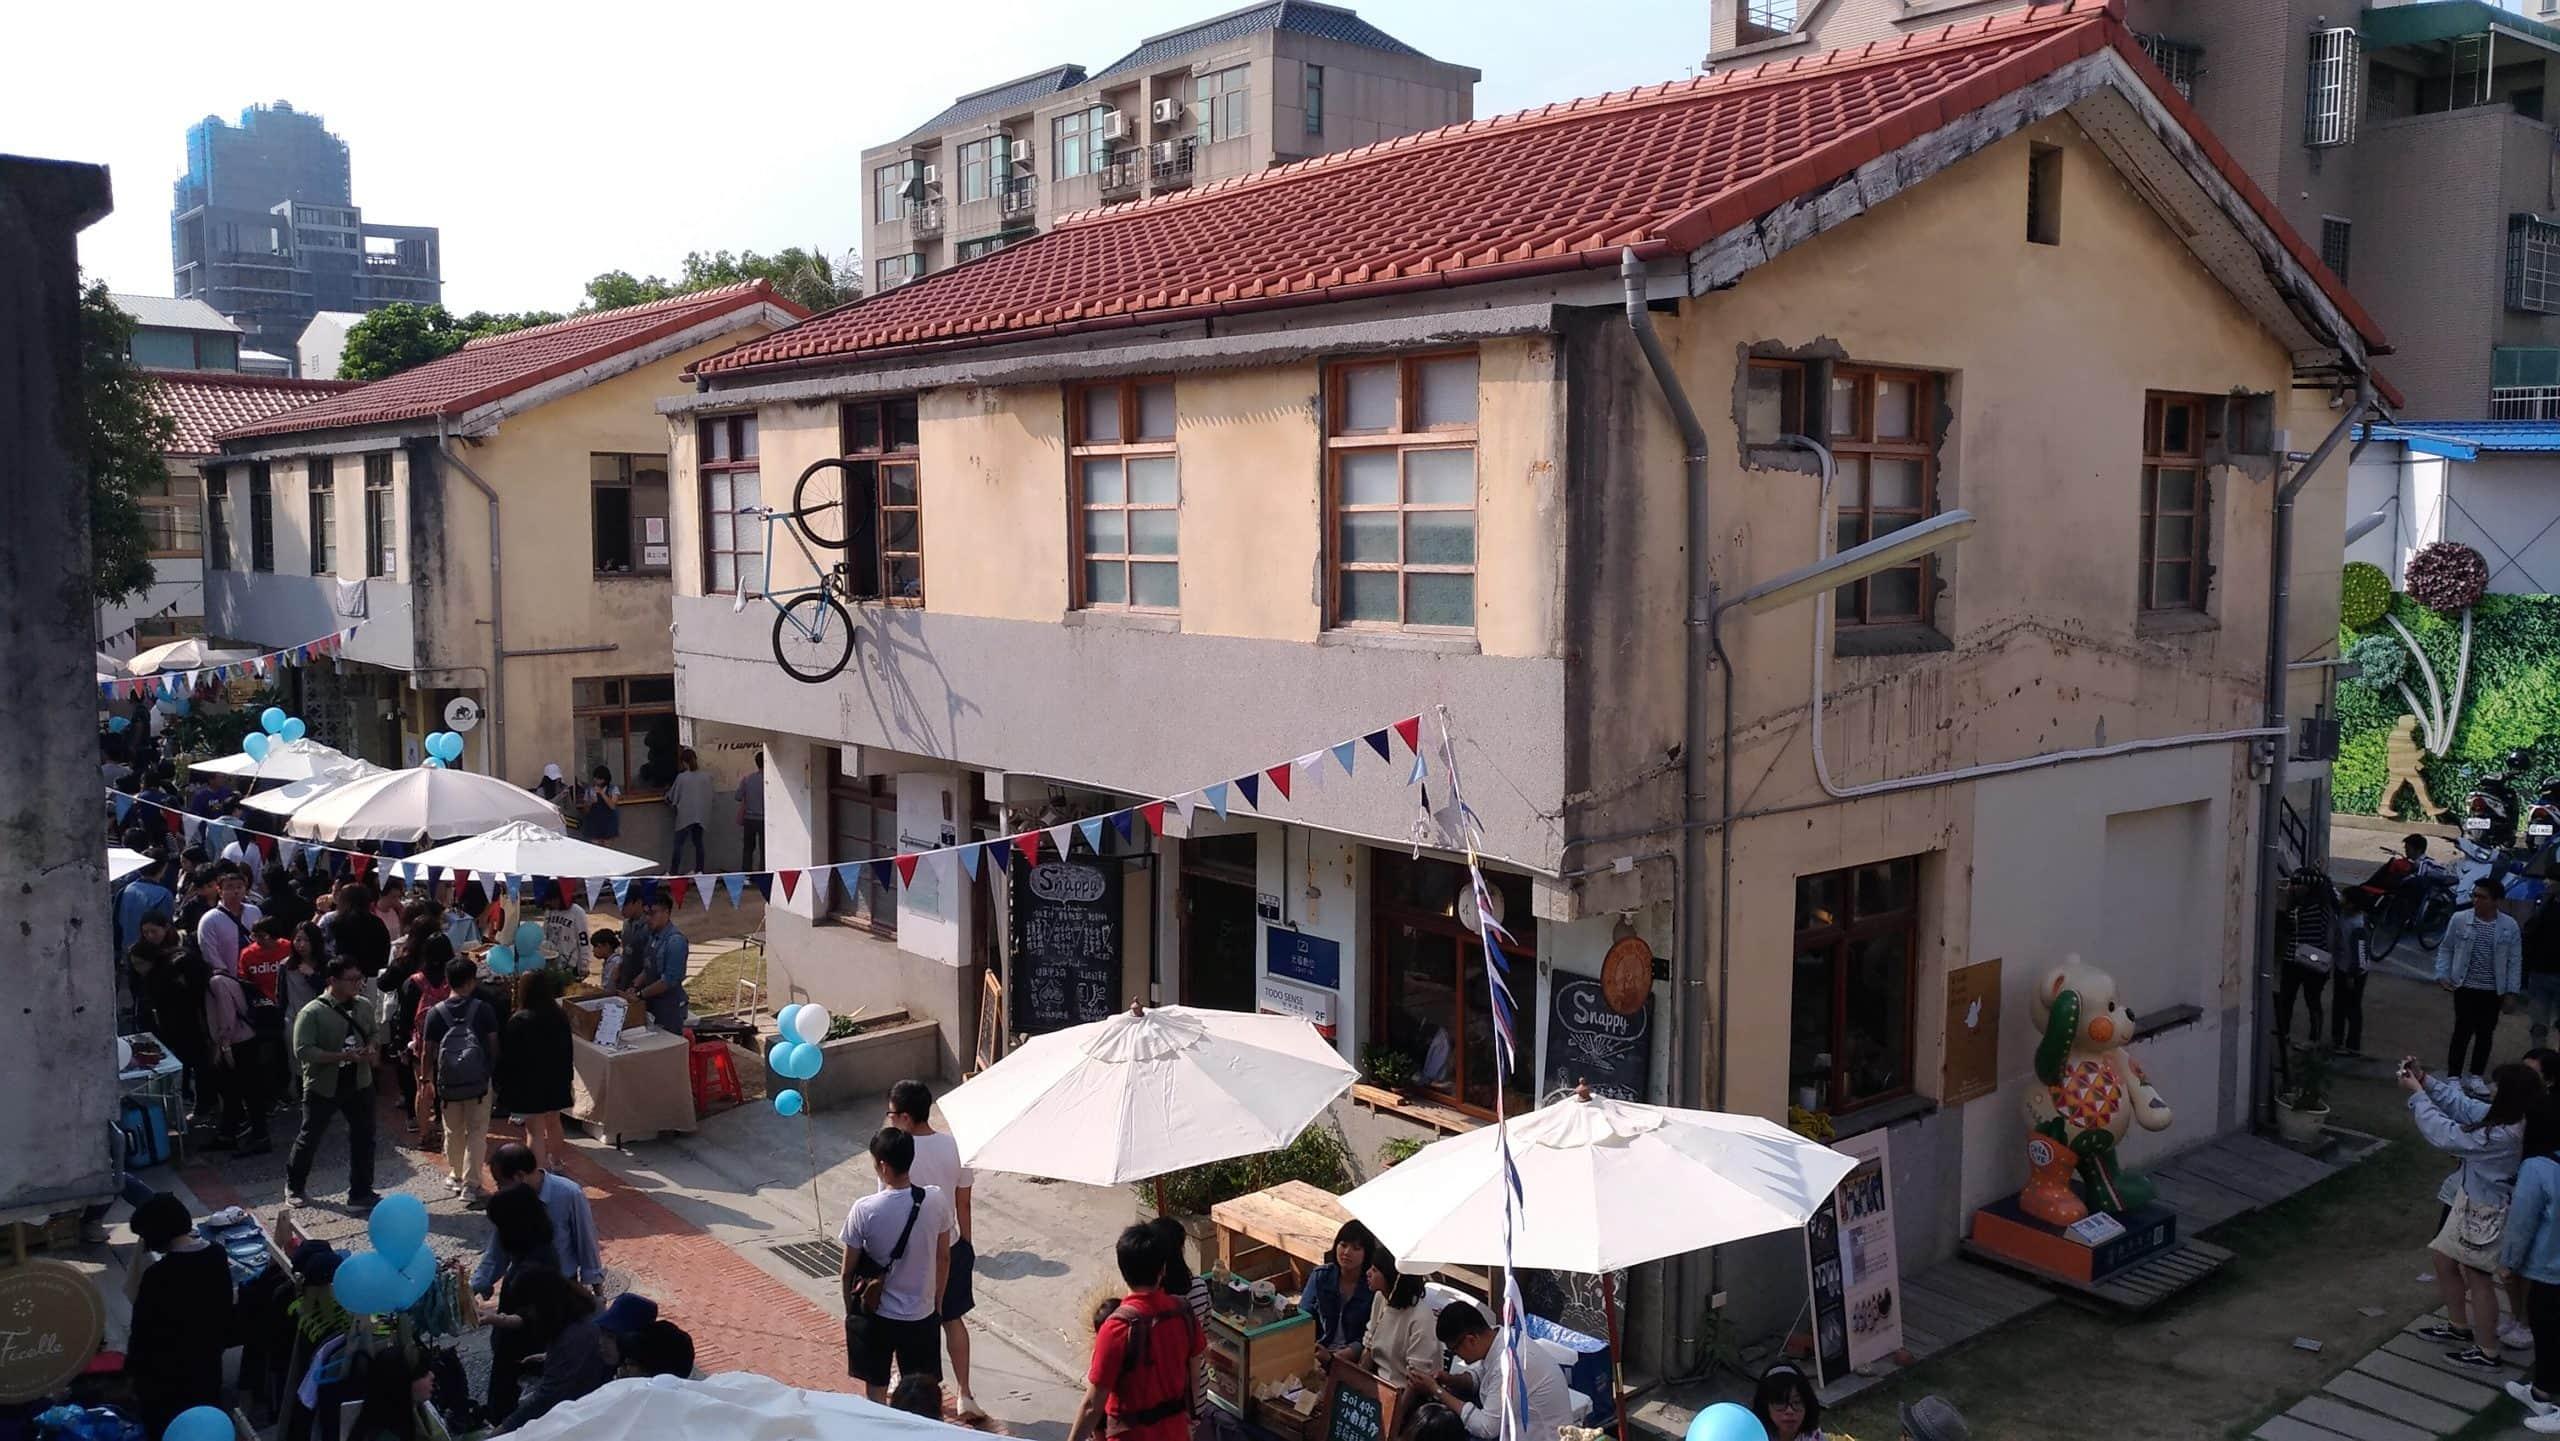 Shenji New Village Taichung, Taichung tourist spots,